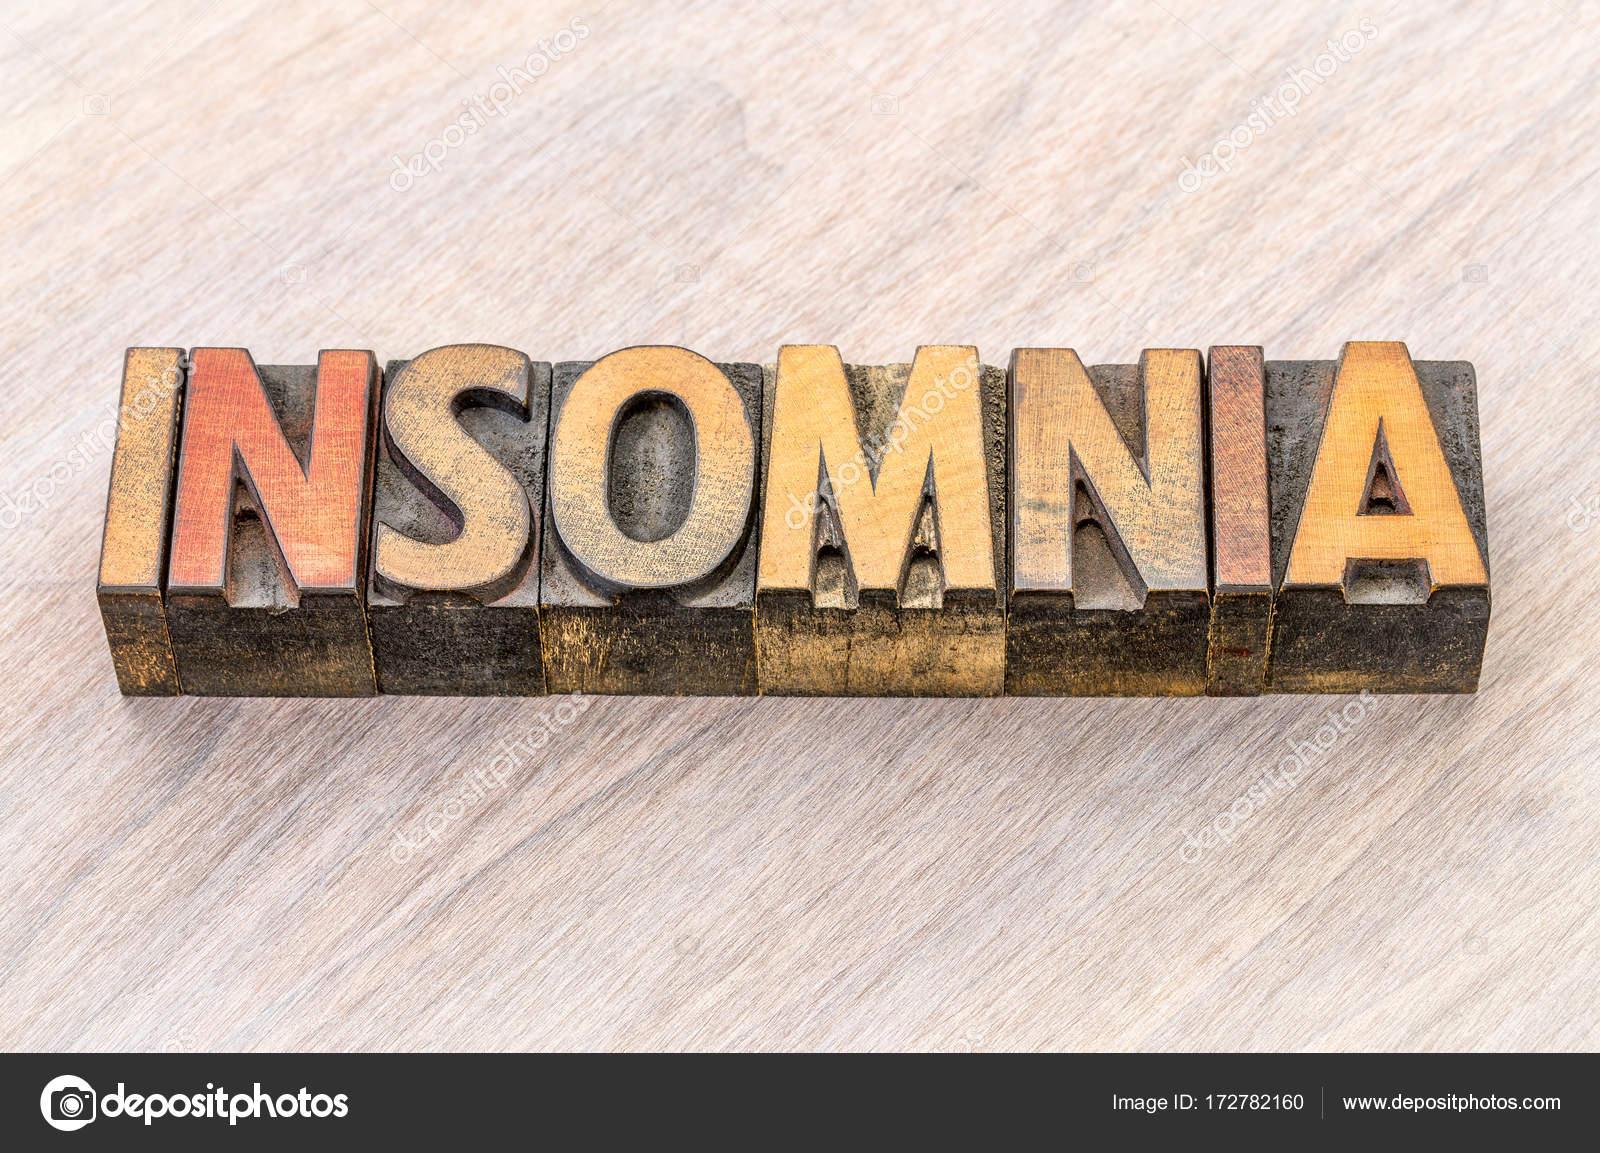 Zusammenfassung von Schlaflosigkeit Wörter in Holz-Art — Stockfoto ...